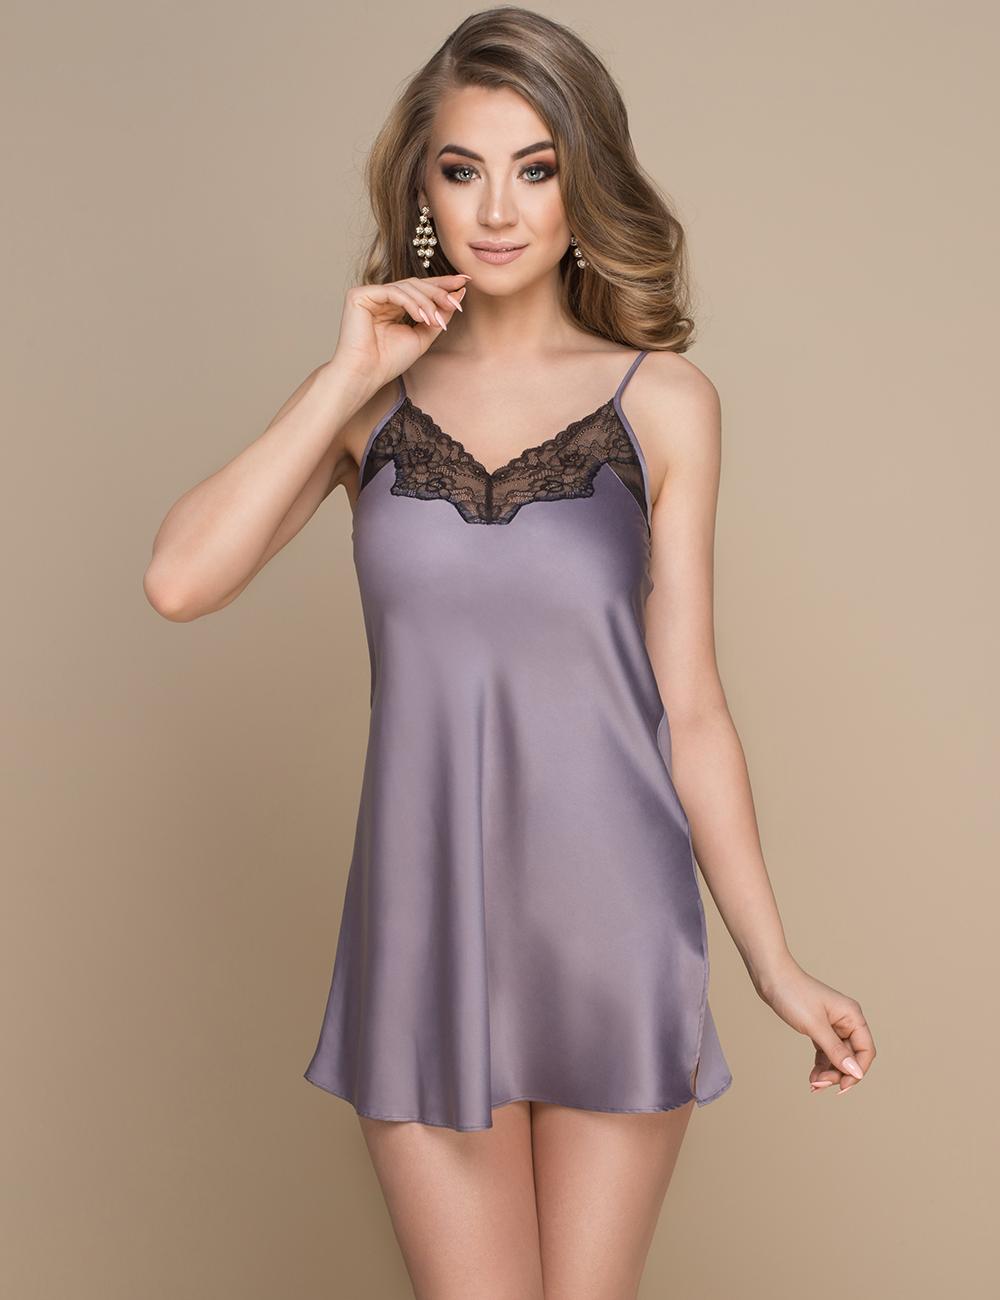 32920611c8d4 Шелковая ночная сорочка в модном пепельно-фиолетовом оттенке Konrad.  Фиолетовое Белье, Атласное Белье